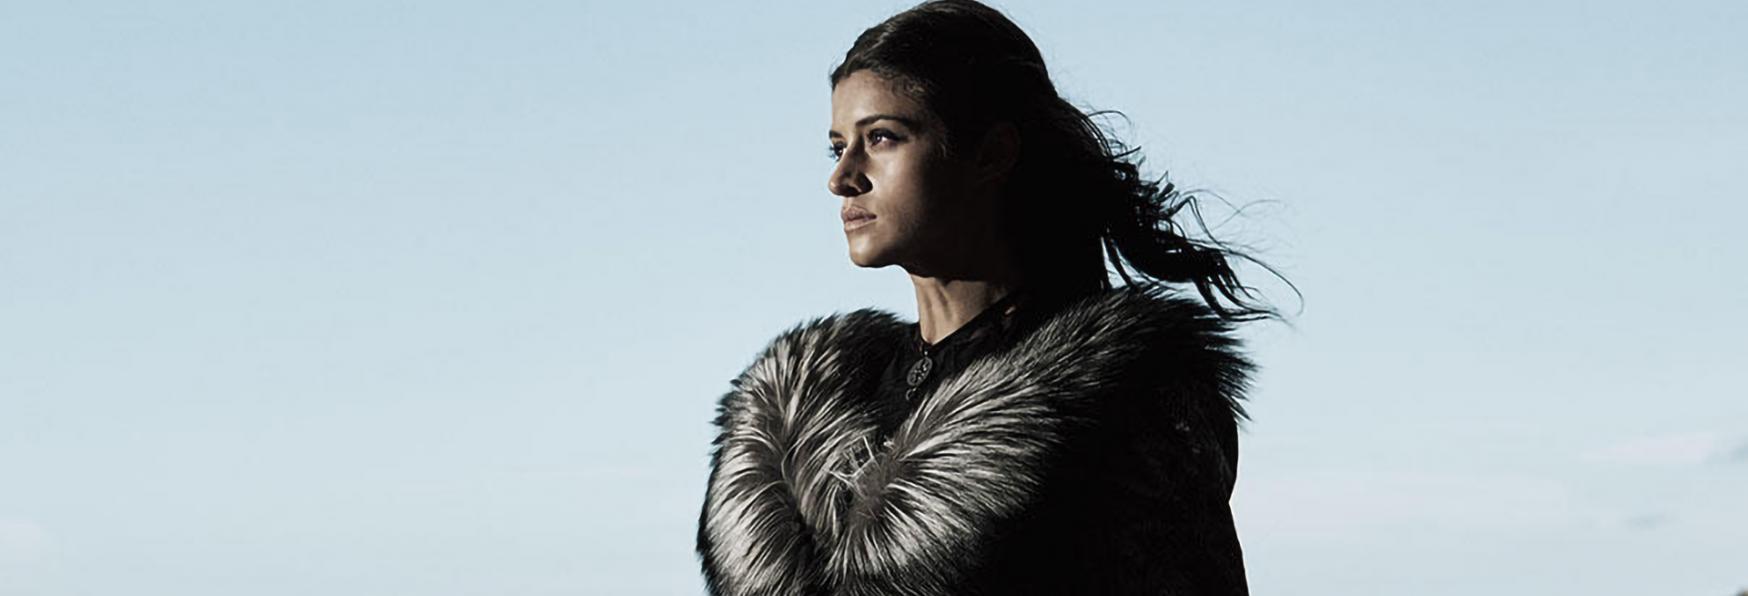 The Witcher: Anya Chalotra parla delle Aspettative sulla nuova Serie TV